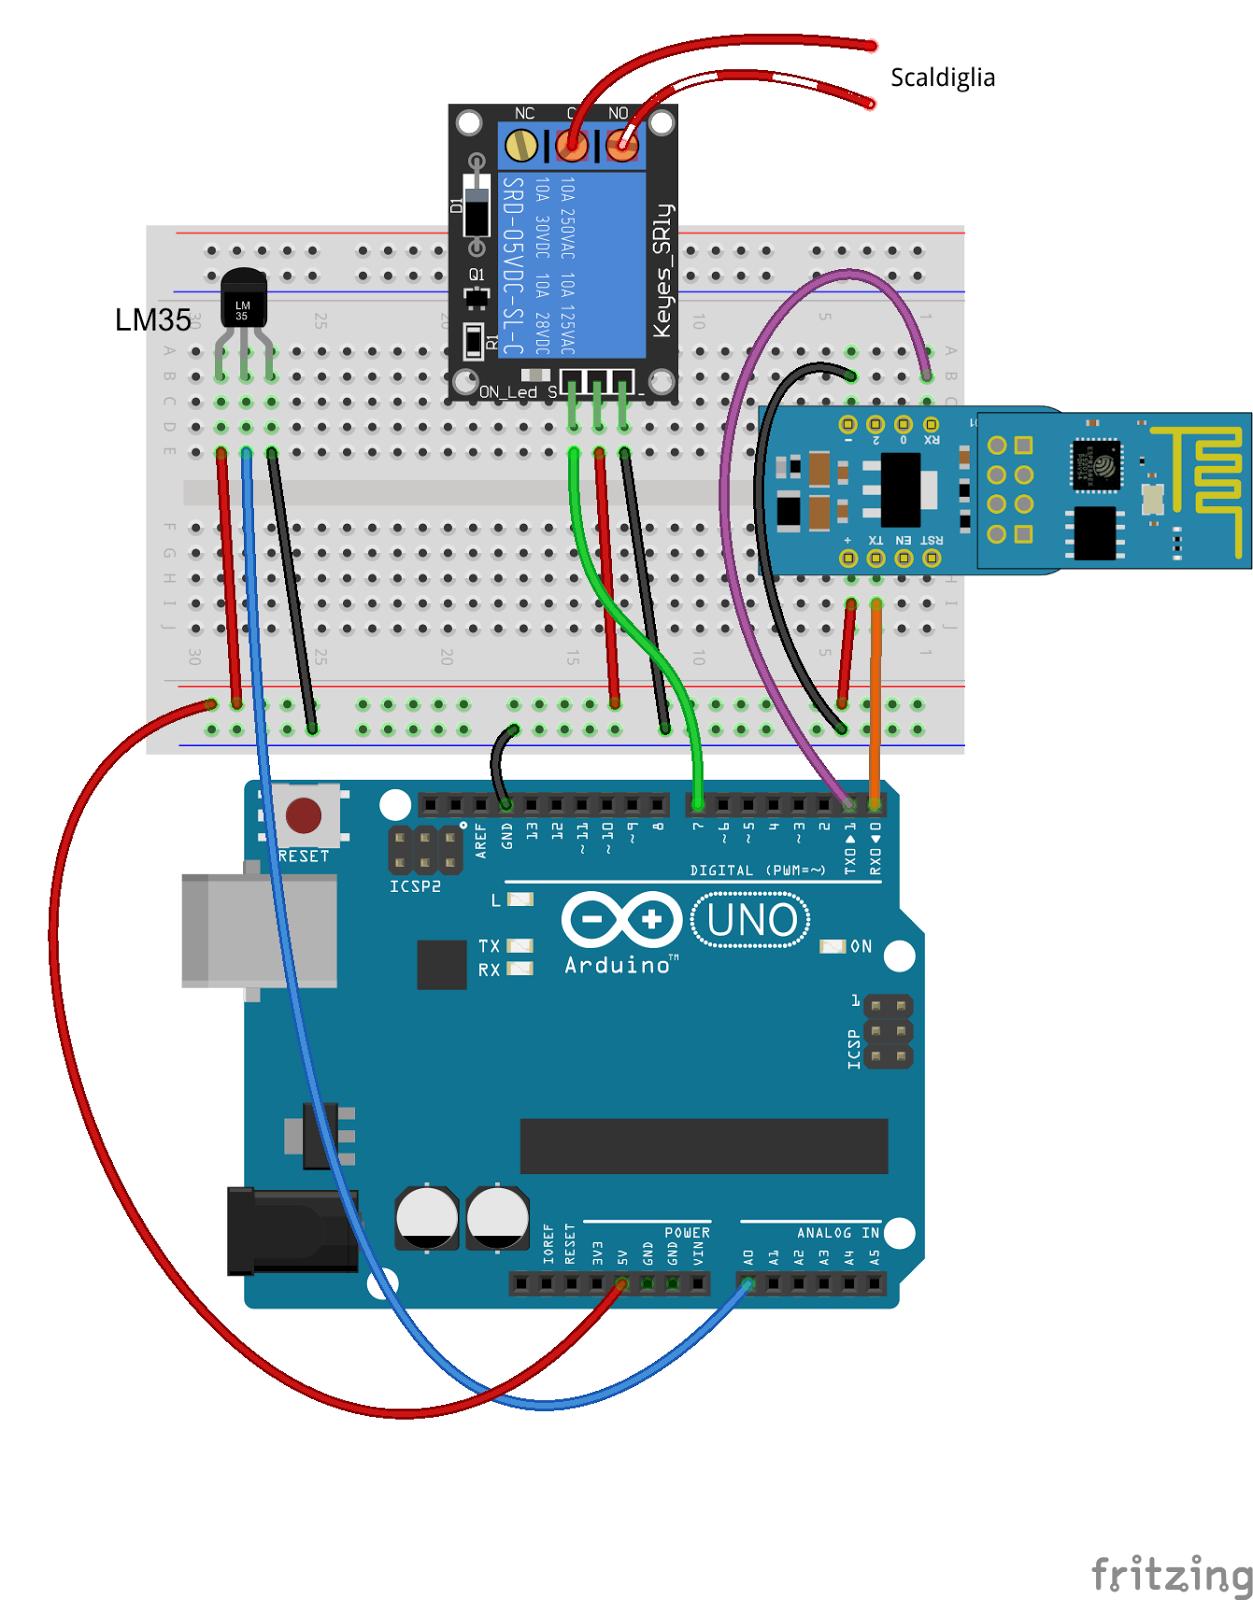 Schema Elettrico Dissuasore Per Piccioni : Schema elettrico rele tecno switch gestione elettrica di